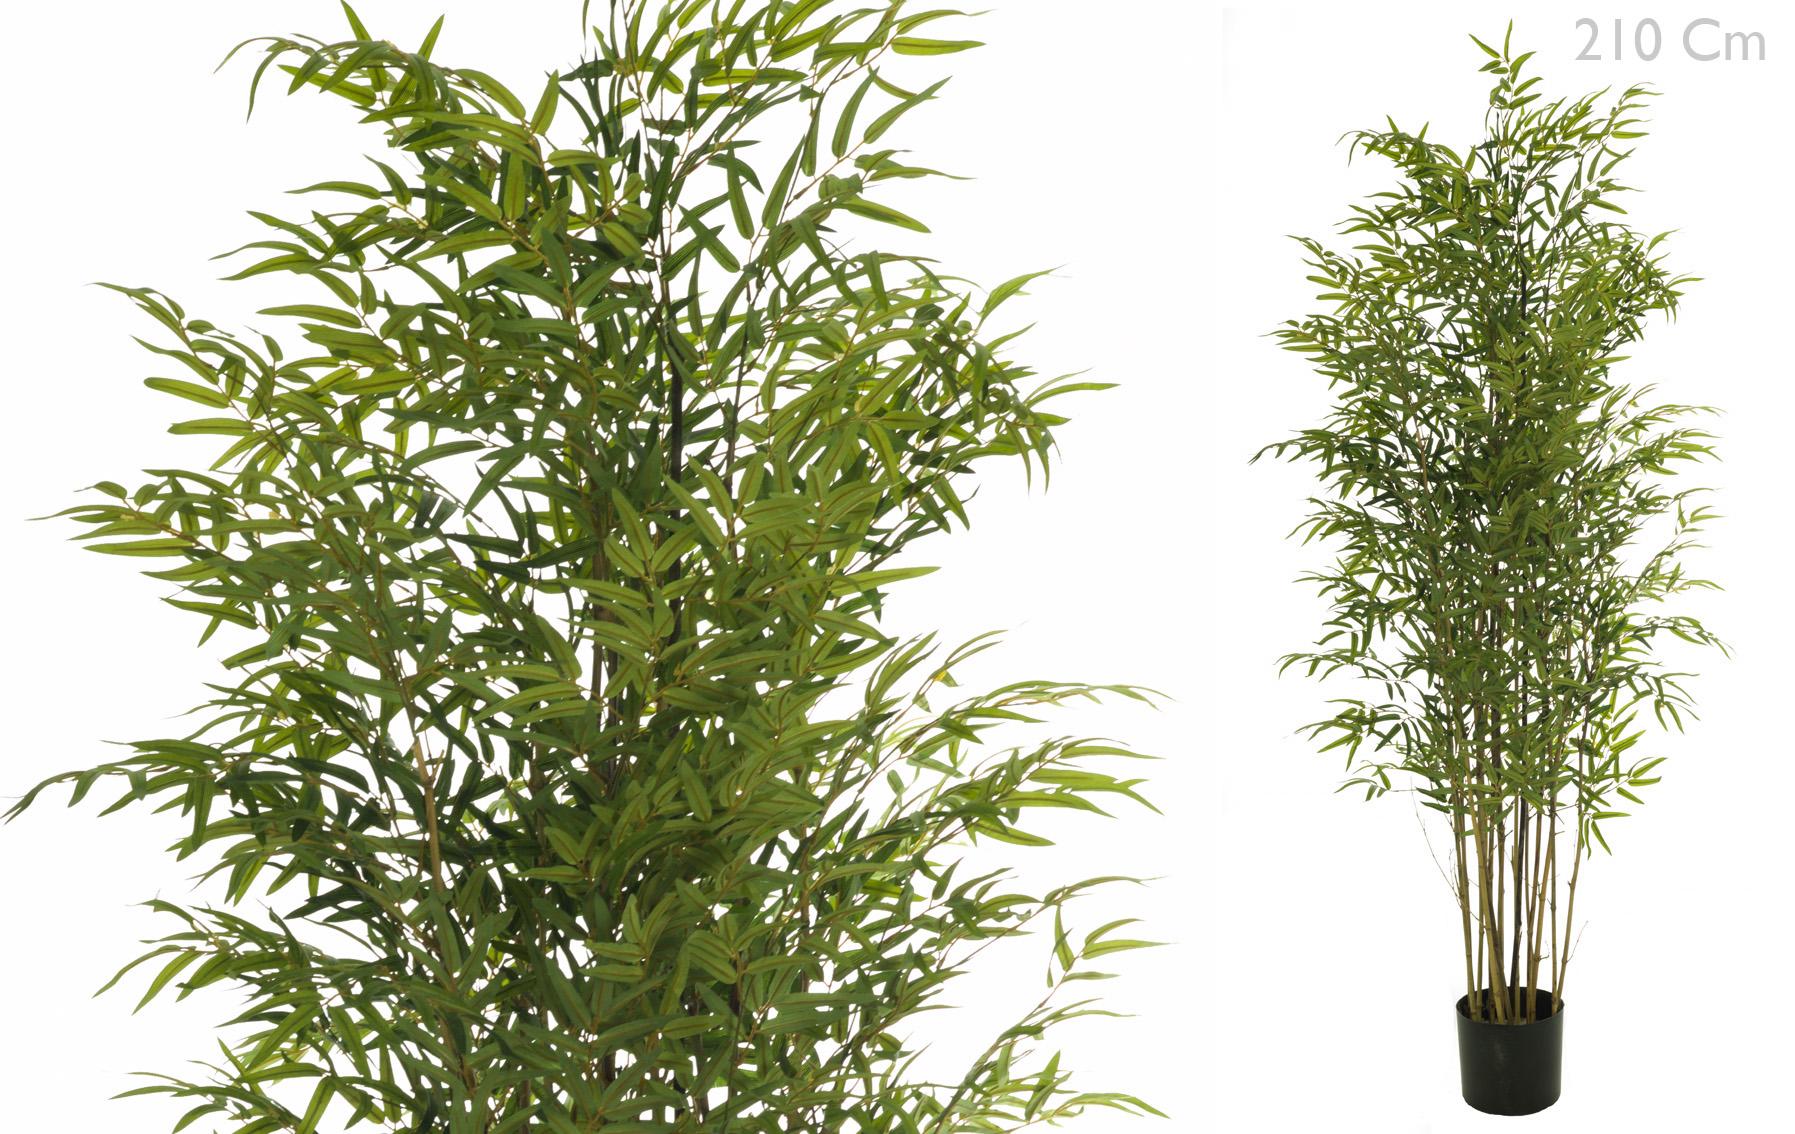 arbol bambu www.floresymuchomas.com